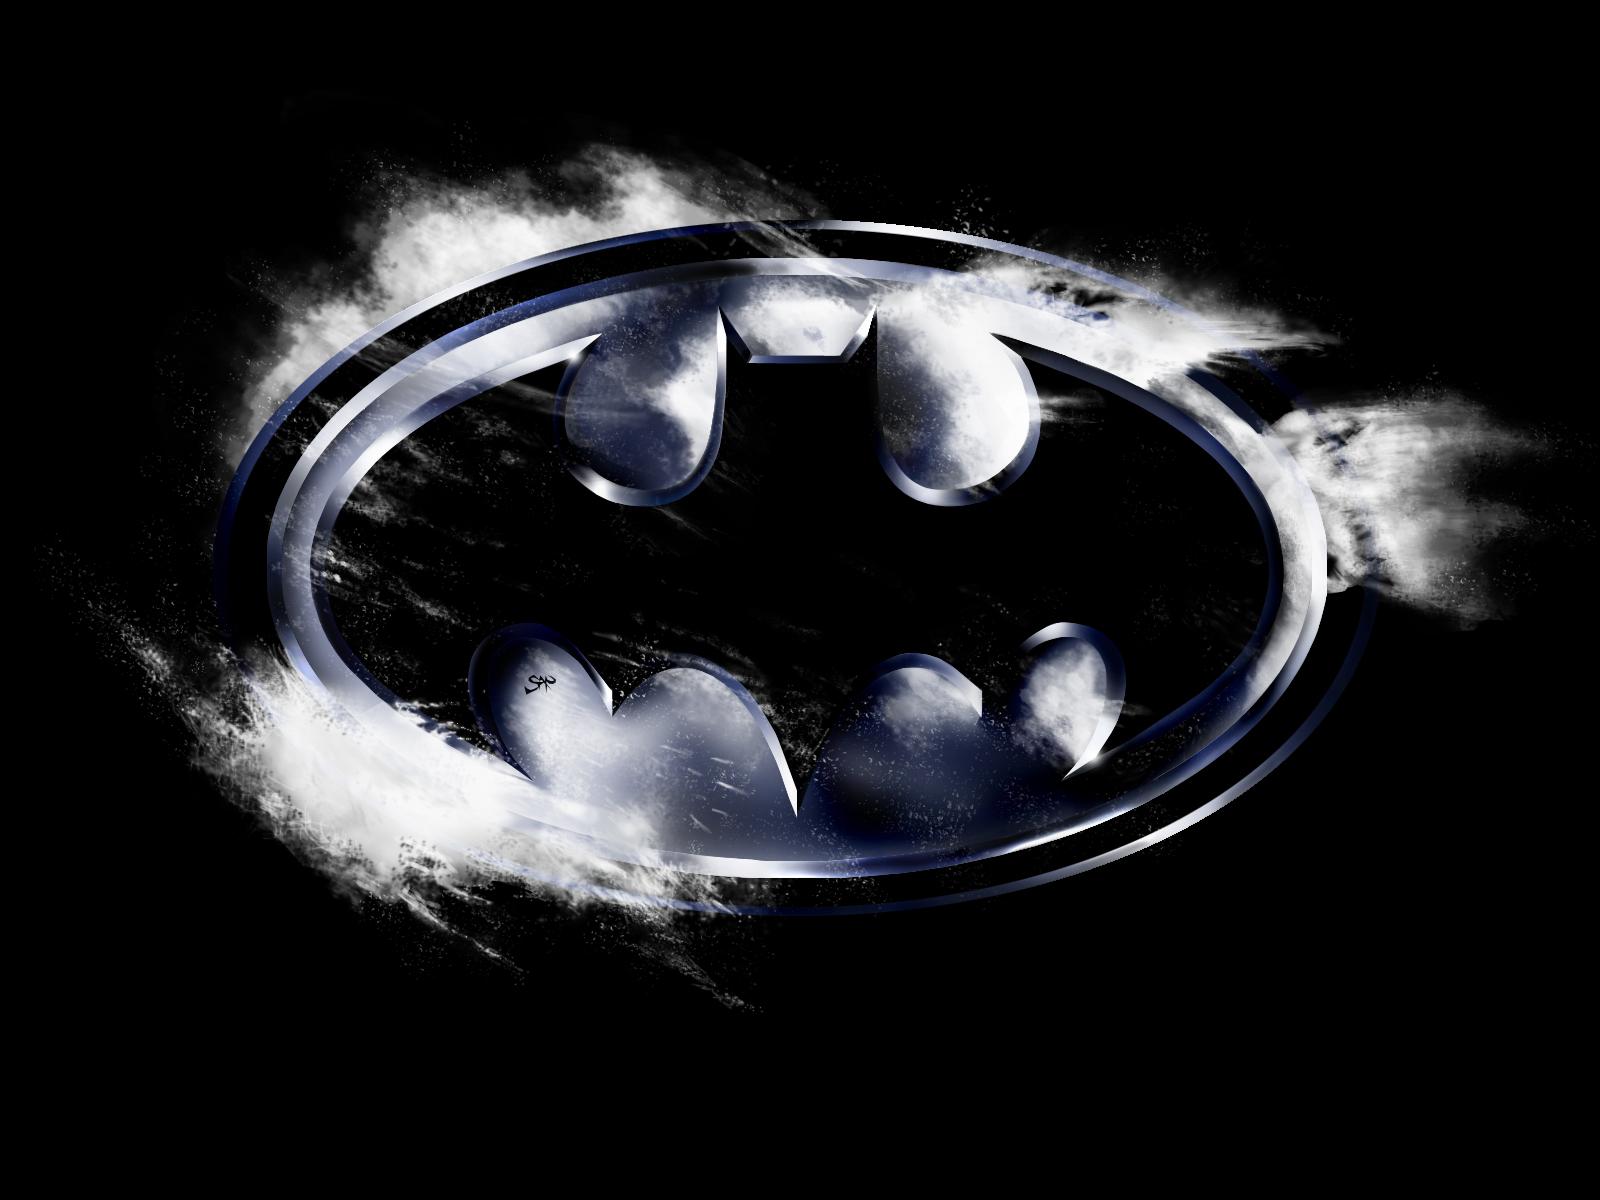 Dessins En Couleurs à Imprimer Spiderman Numéro 22321: Dessins En Couleurs à Imprimer : Batman, Numéro : 228800